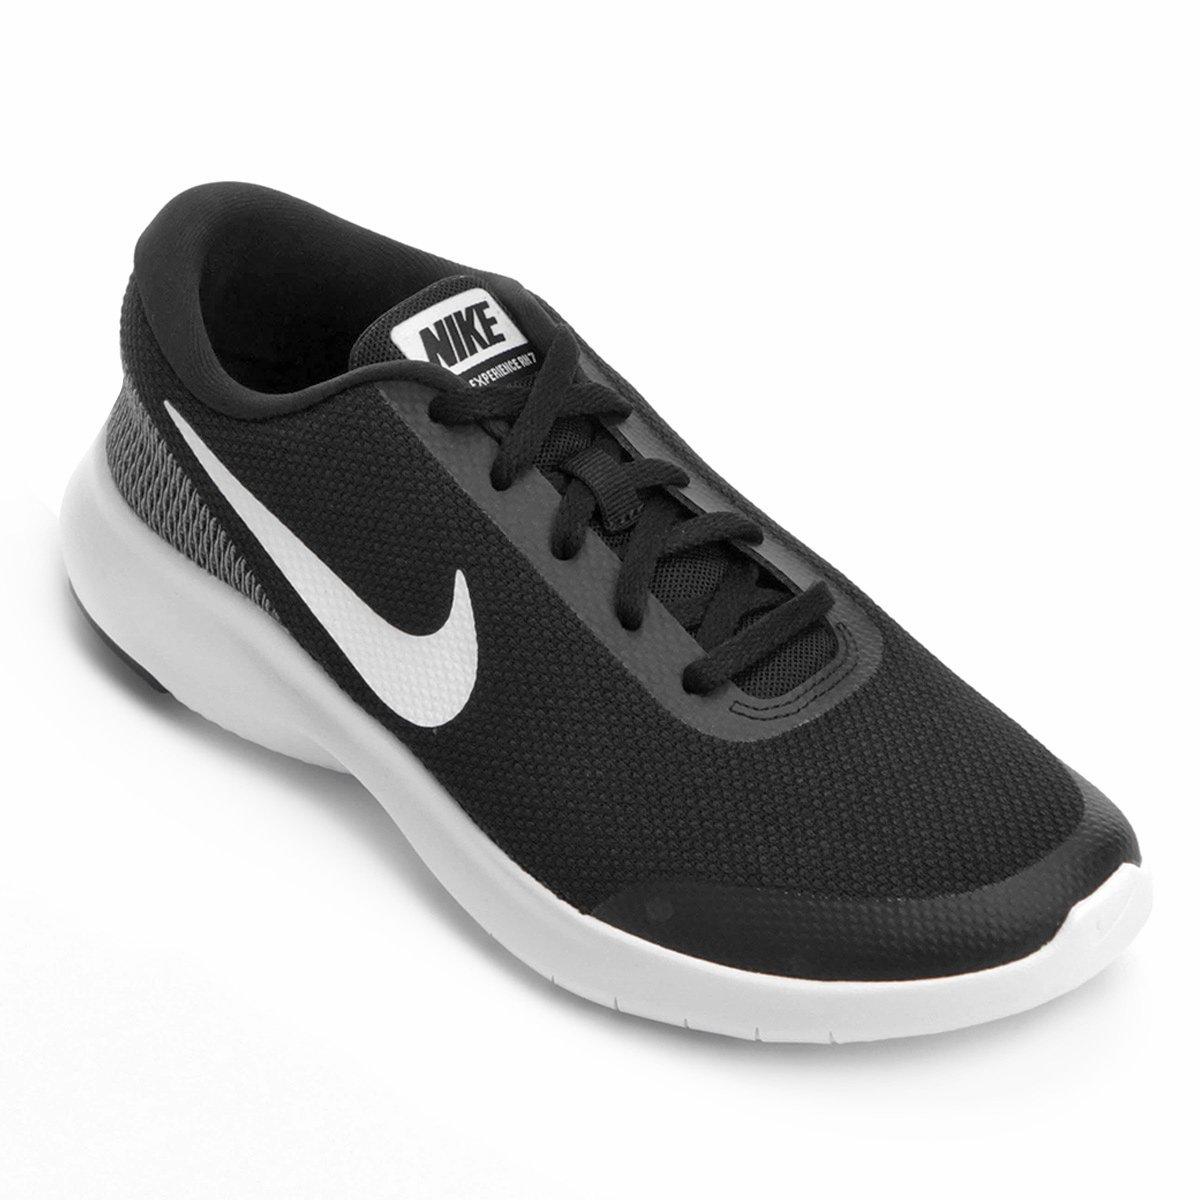 5abef0df4aa Tênis Nike Flex Experience RN 7 Masculino - Preto e Branco - Compre Agora